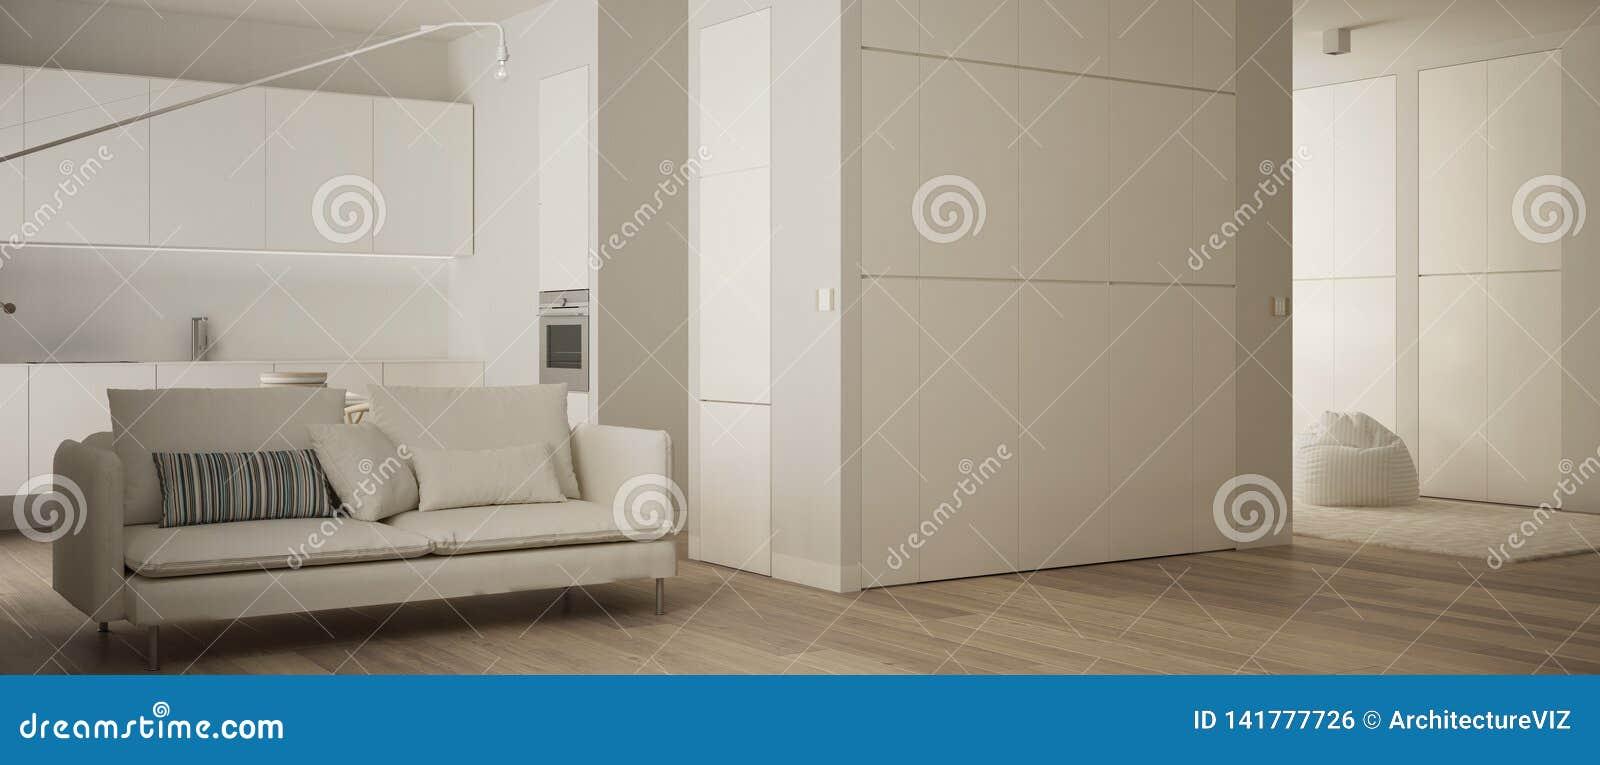 Panorama van één ruimteflat met parketvloer, keuken in witte woonkamer met bank, modern architectuurbinnenland